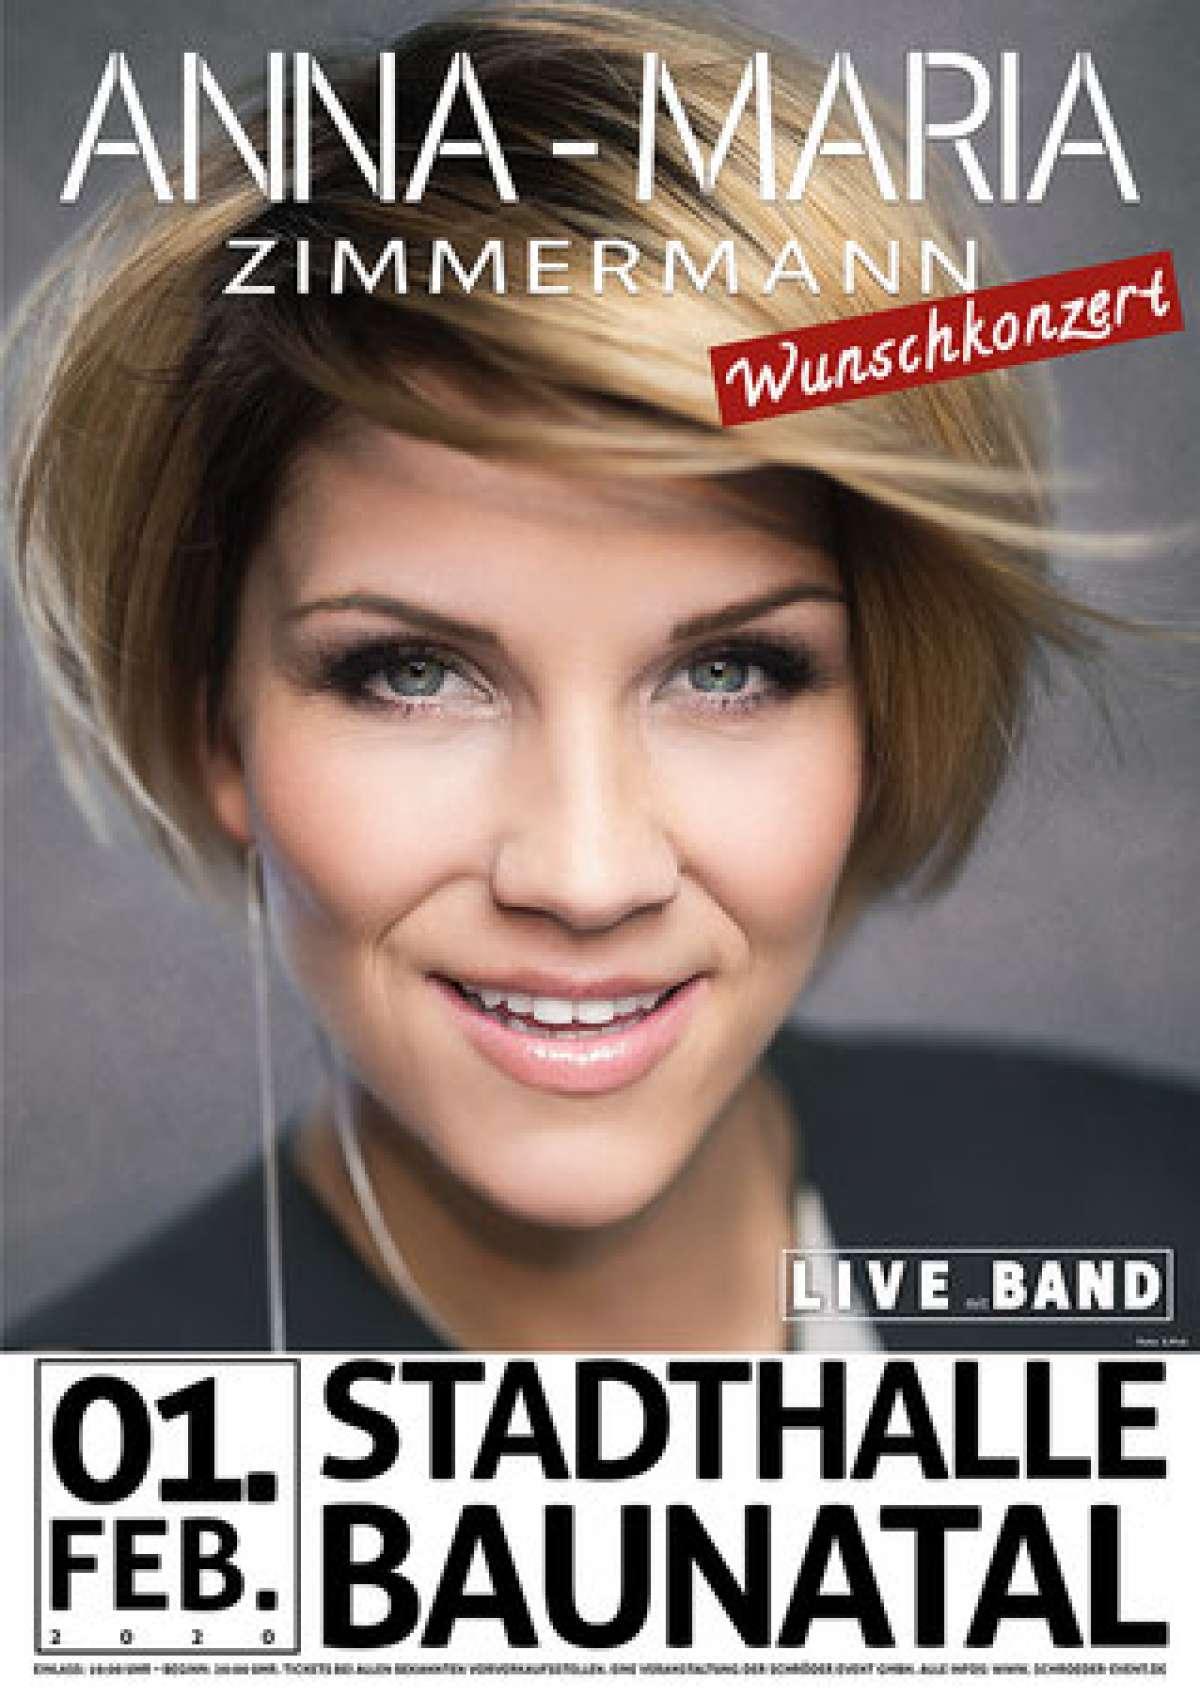 Anna-Maria Zimmermann - Stadthalle  - Baunatal